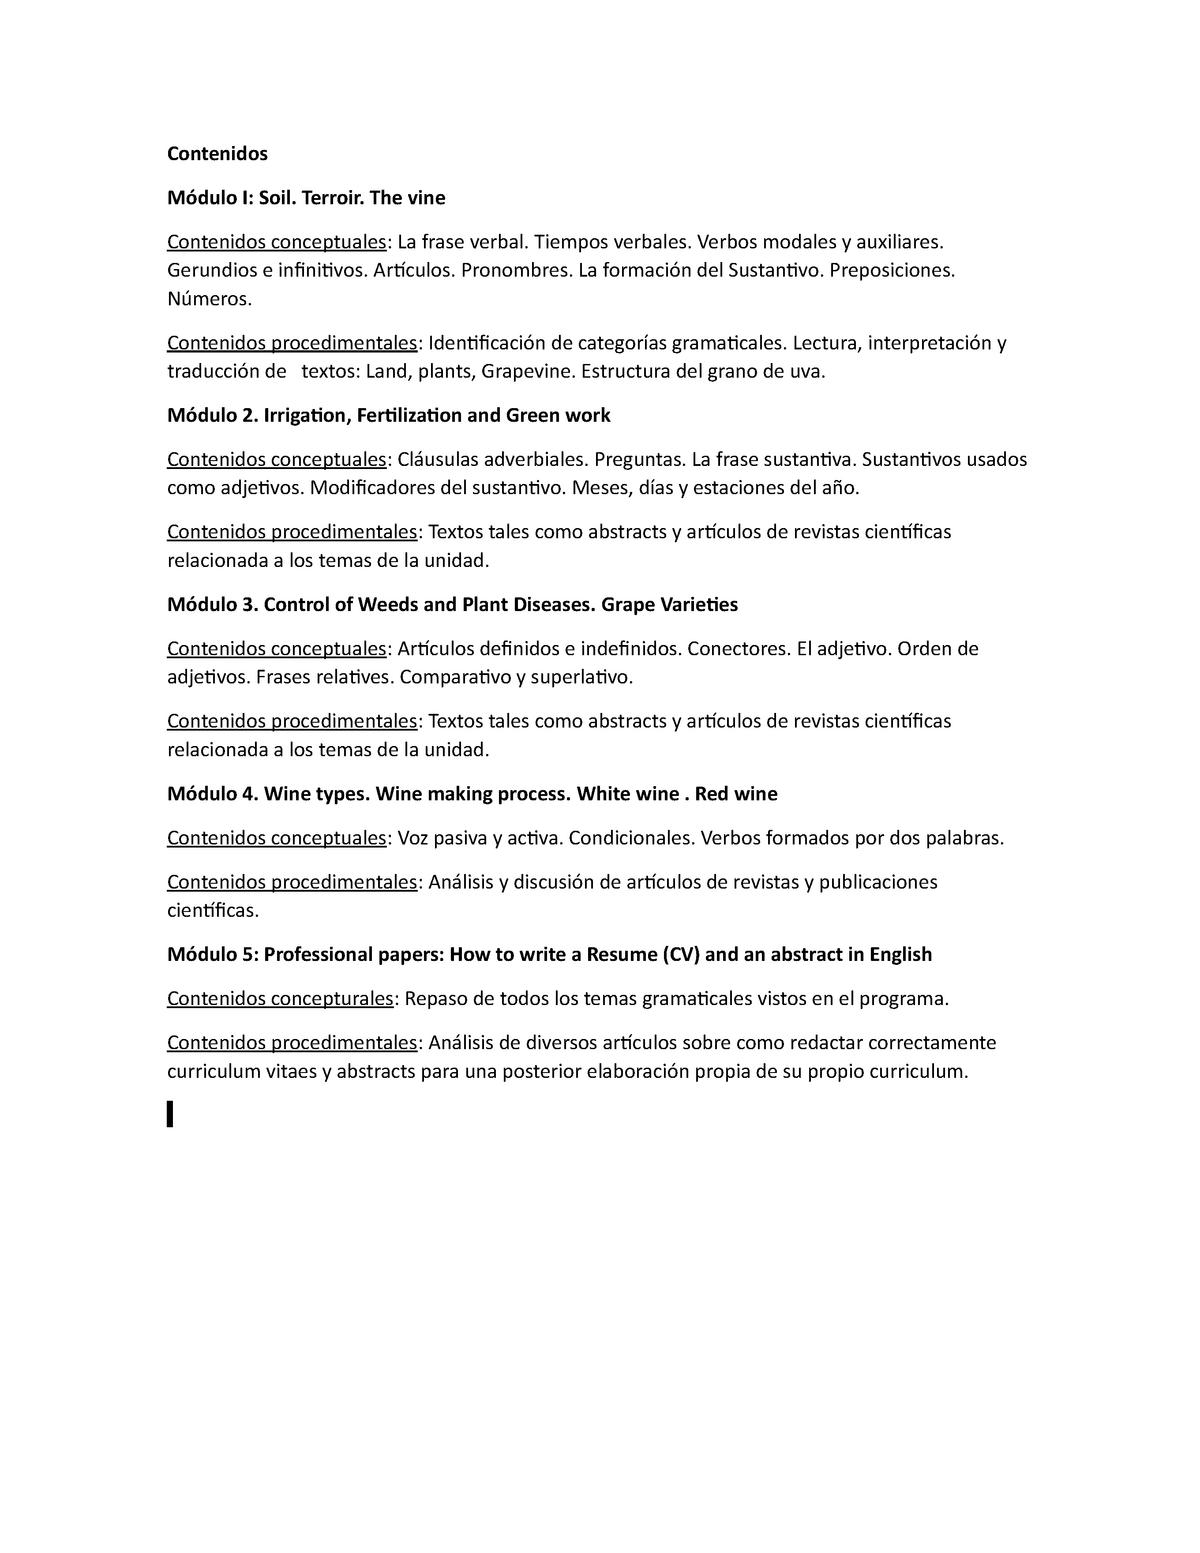 Teoria Inglés 534 Studocu